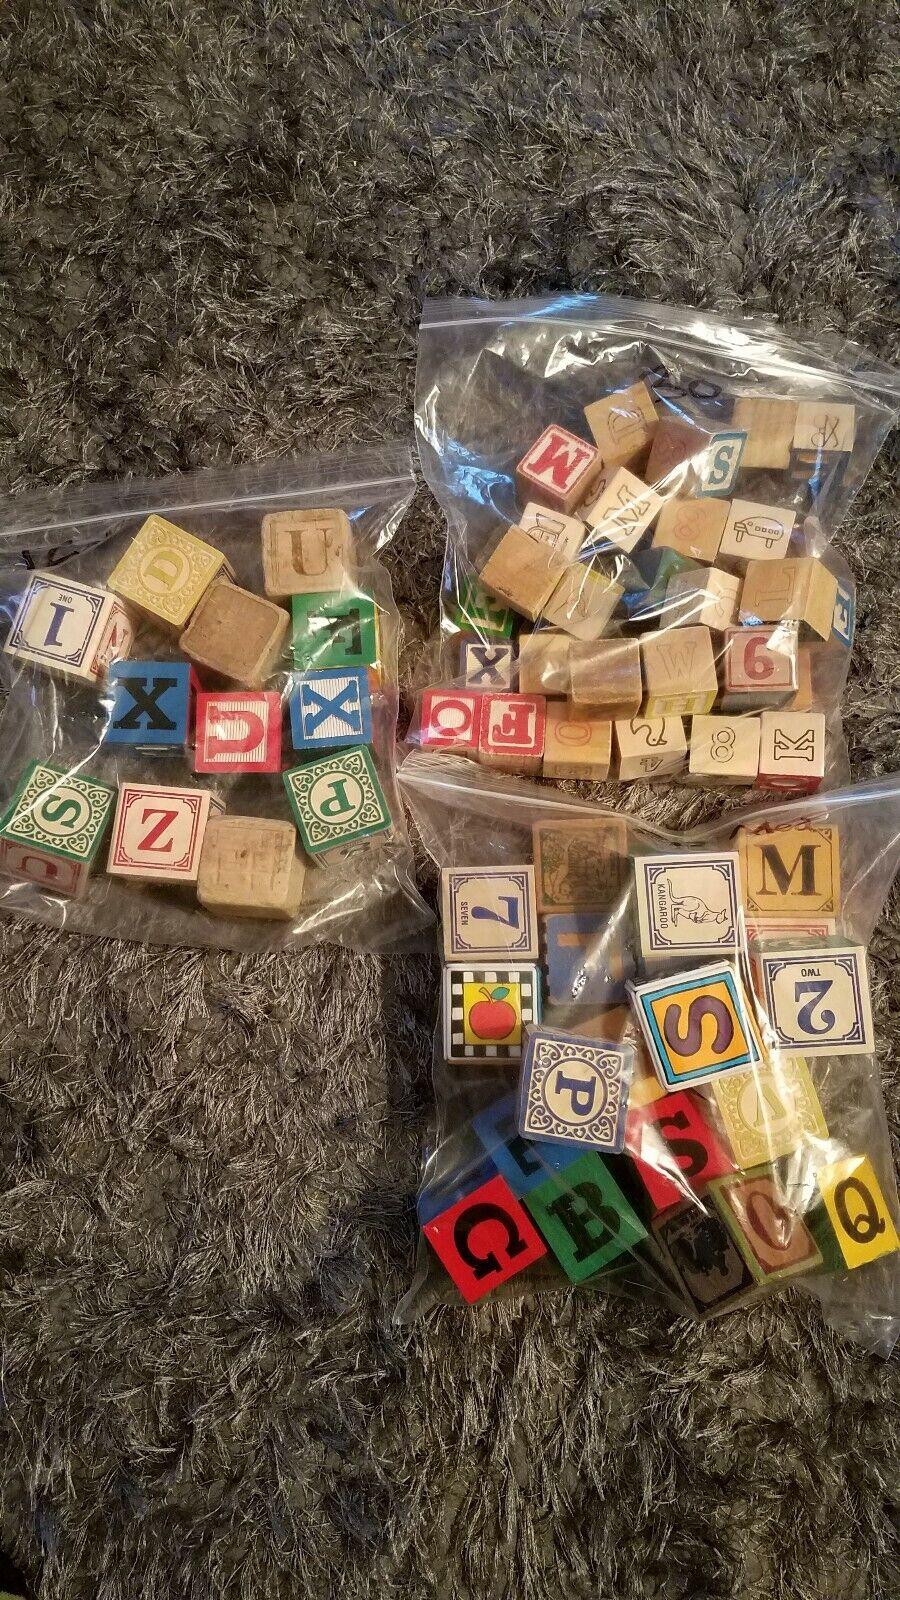 Jahr Holz Picture Number Blocks 62pcs random. Größe sm med 1 1 4in& 1 3 4in